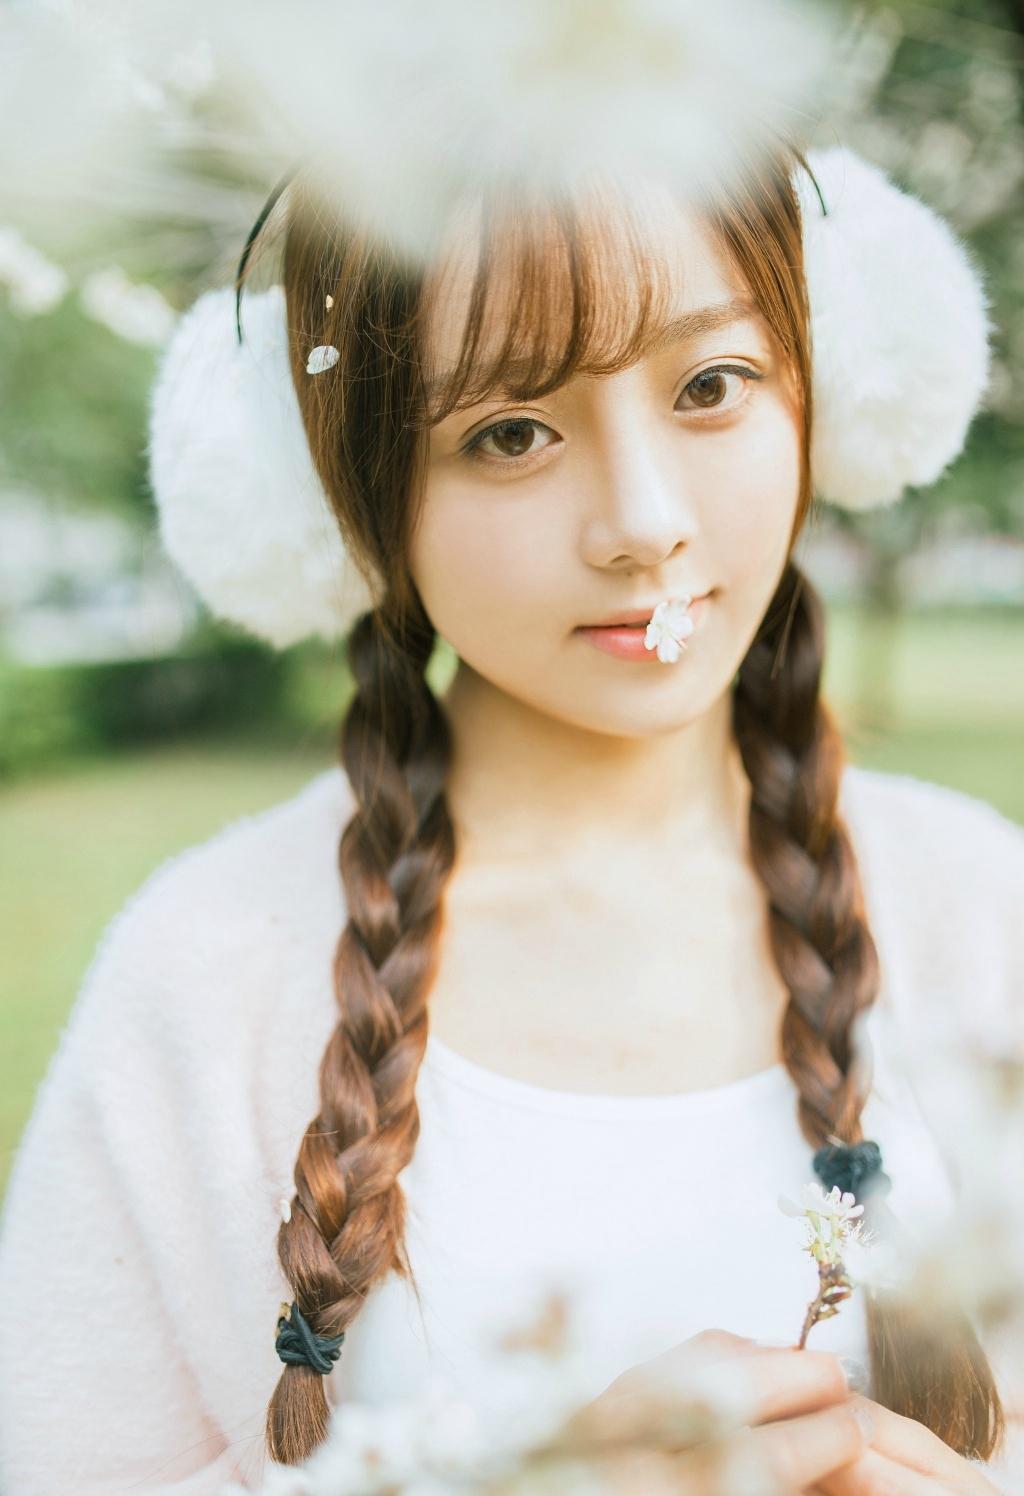 MVSD-298漂亮小姐姐户外青春活力美女照片